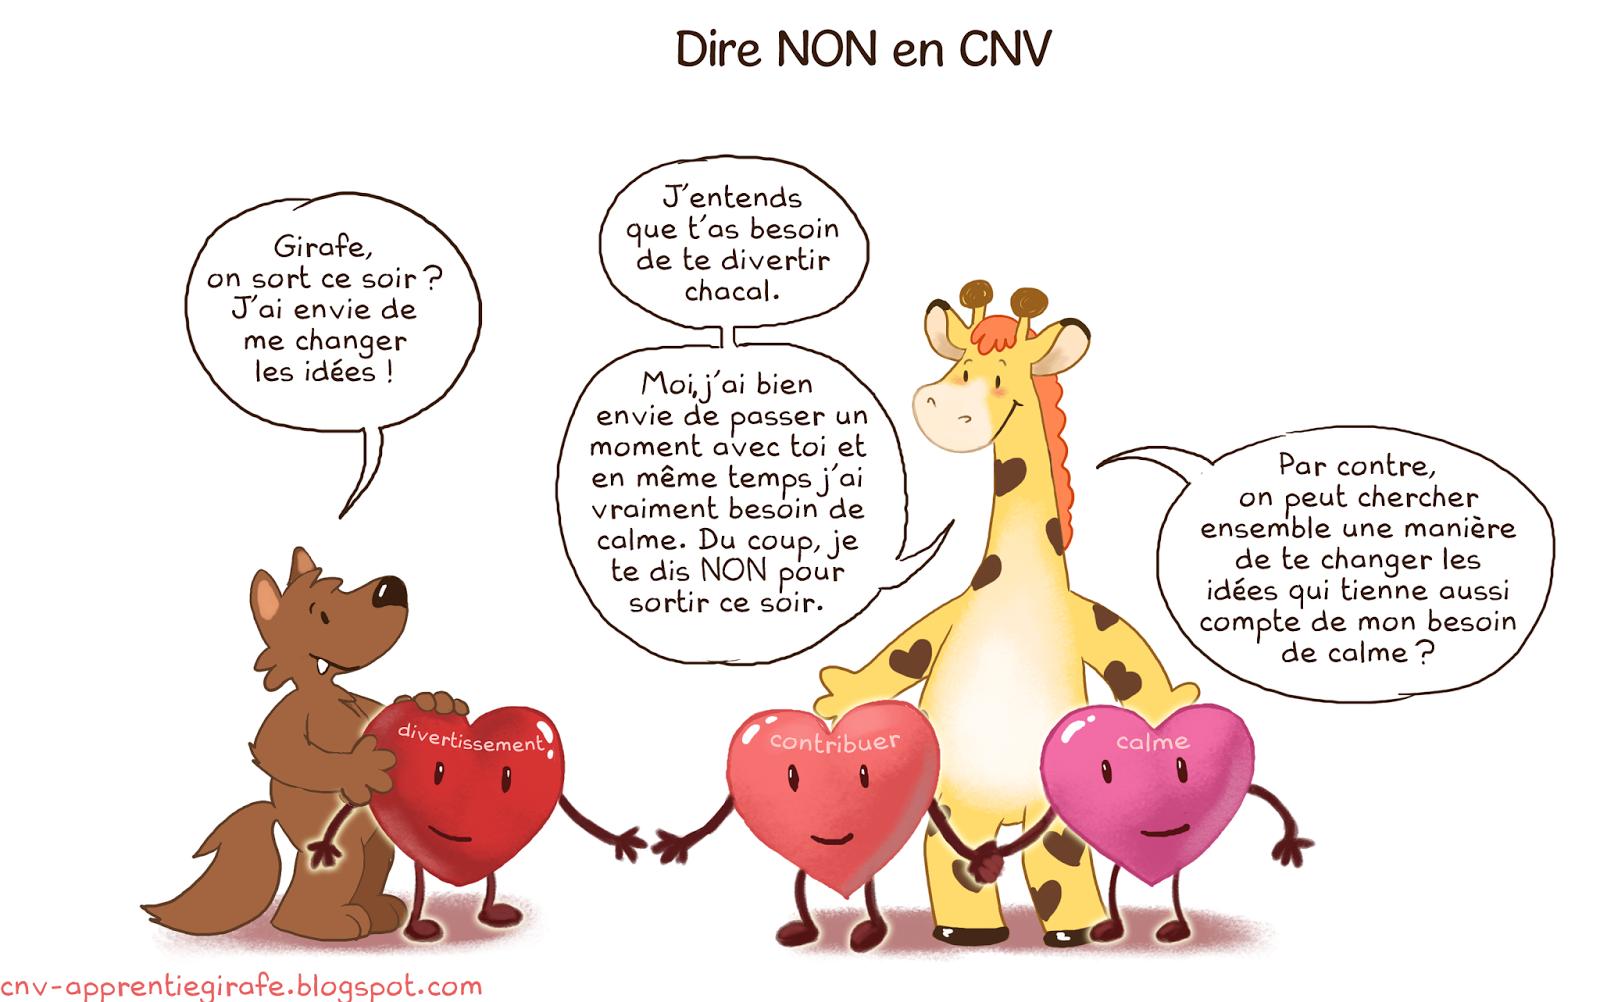 Épinglé sur CNV